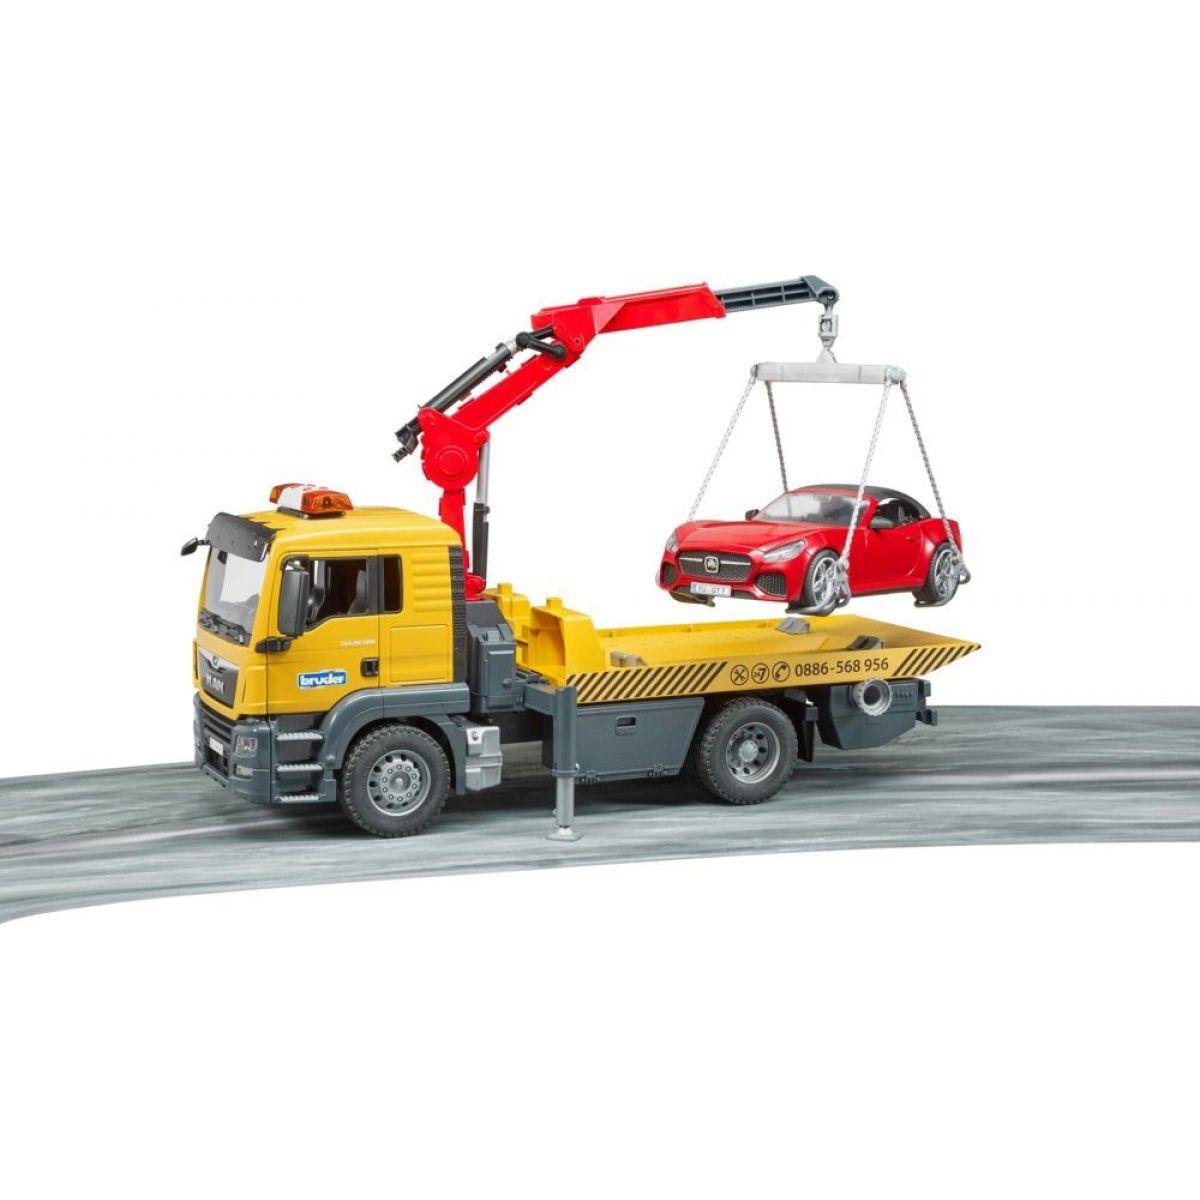 Bruder 3750 MAN TGS odtahová služba + roadster - Poškozený obal